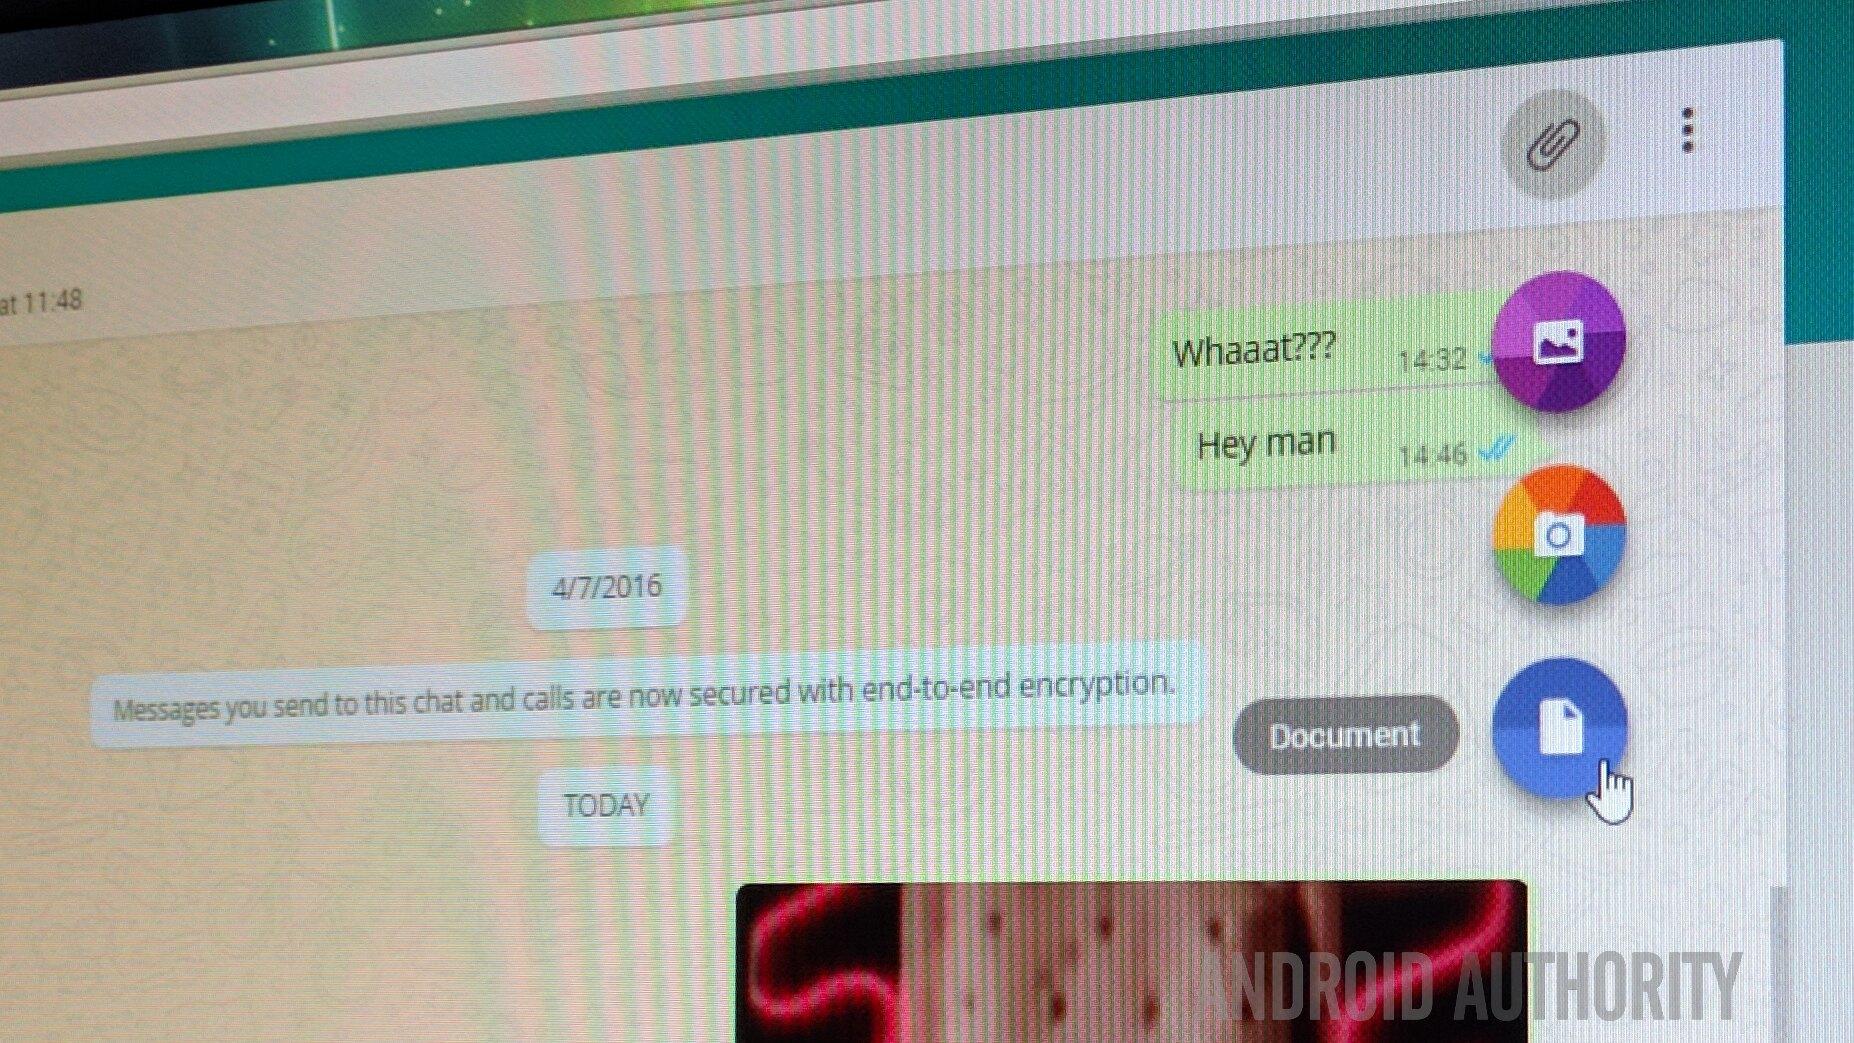 Can we send pdf file through whatsapp